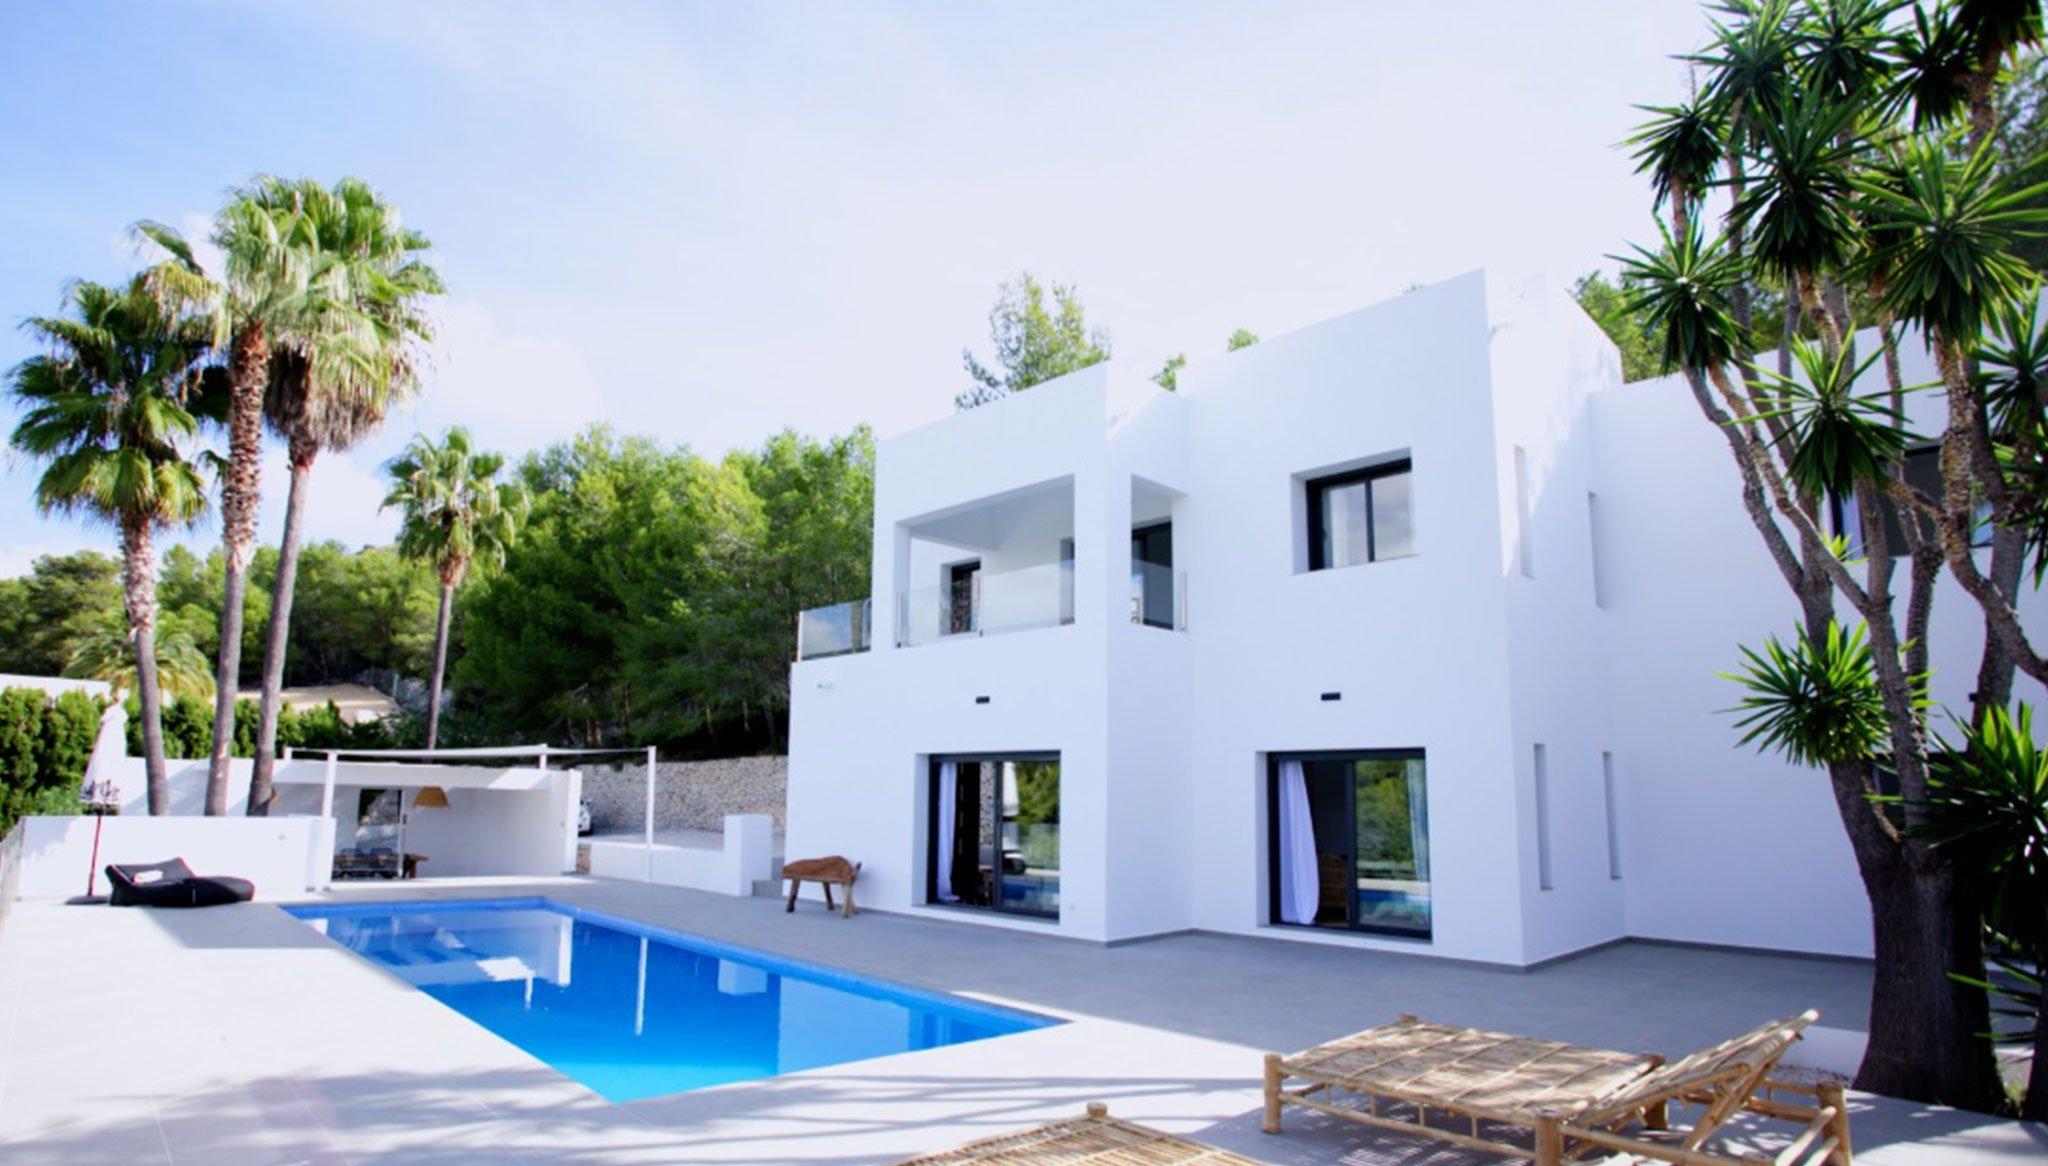 Witte gevel van een luxe villa in Ibiza-stijl - Fine & Country Costa Blanca Norte